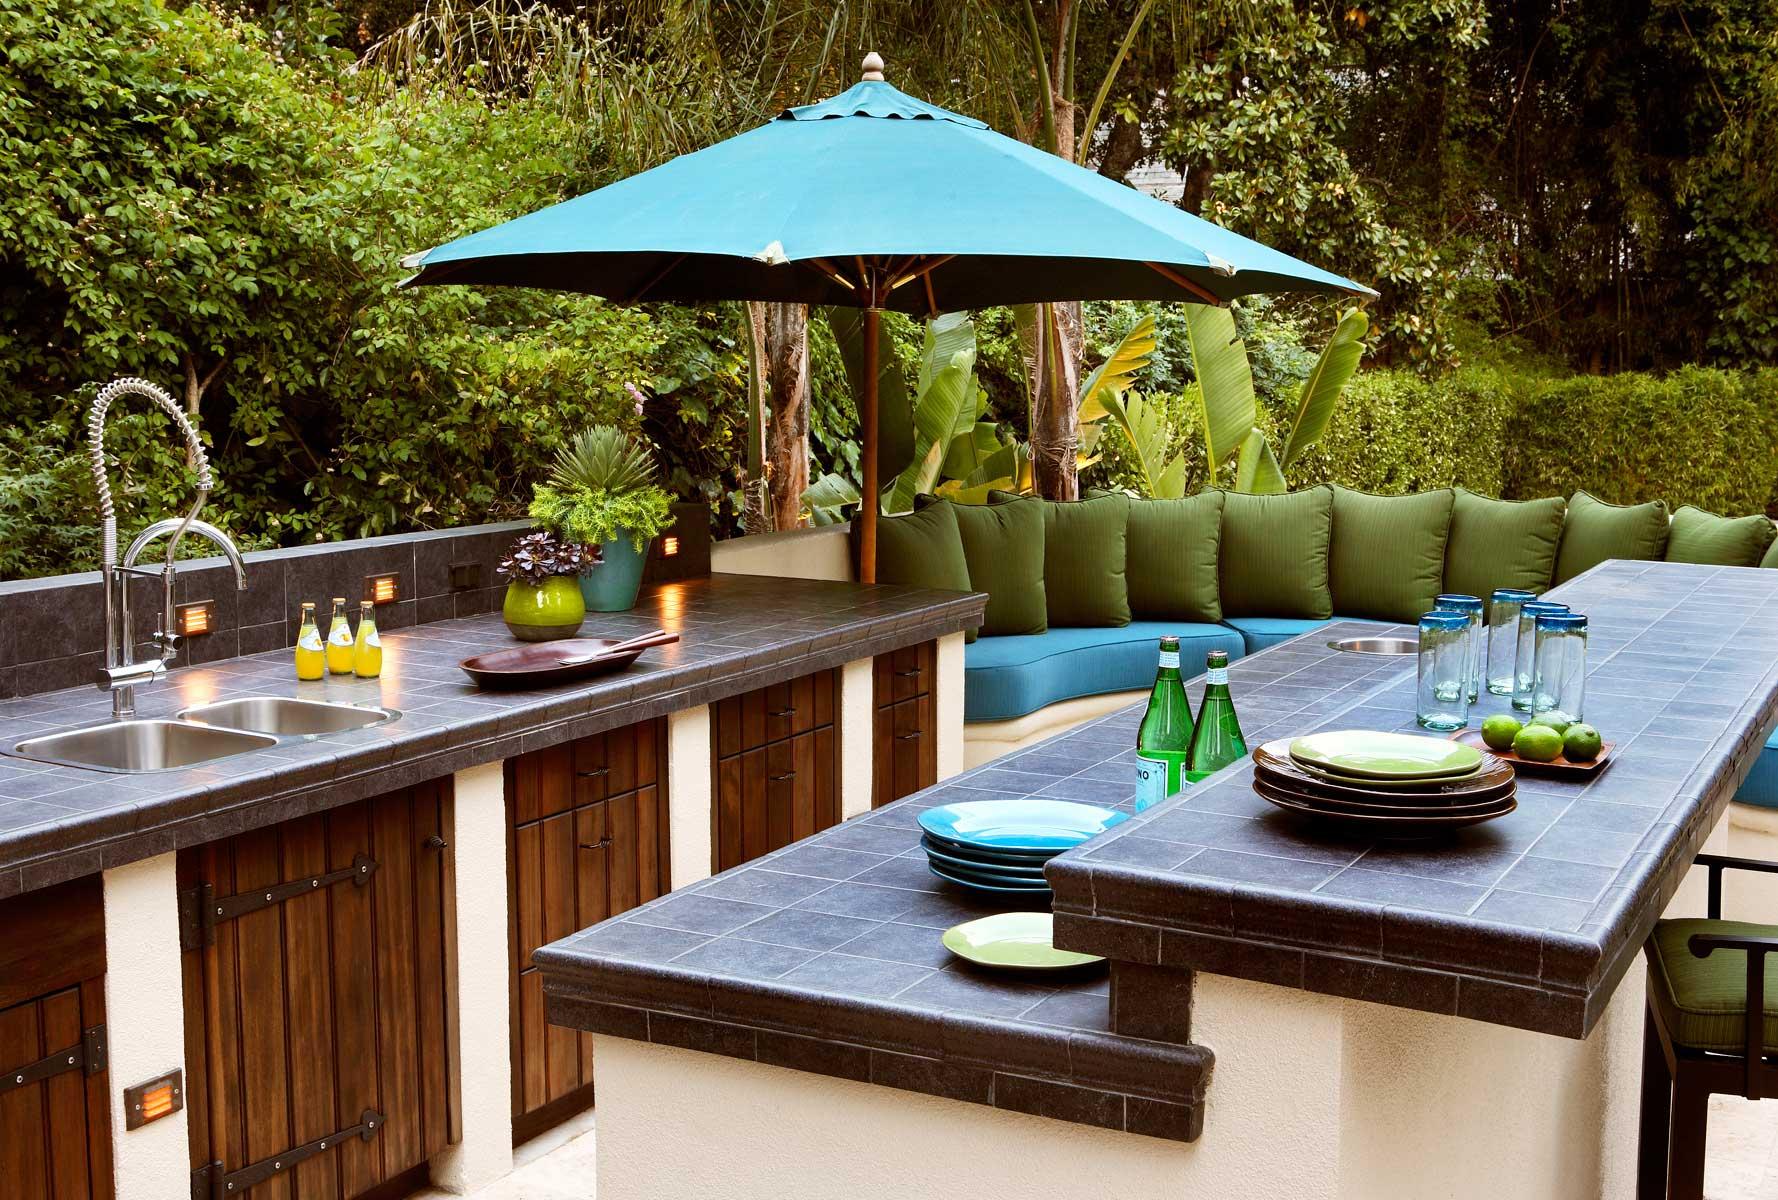 Plein Air Cooking Designing Your Outdoor Kitchen